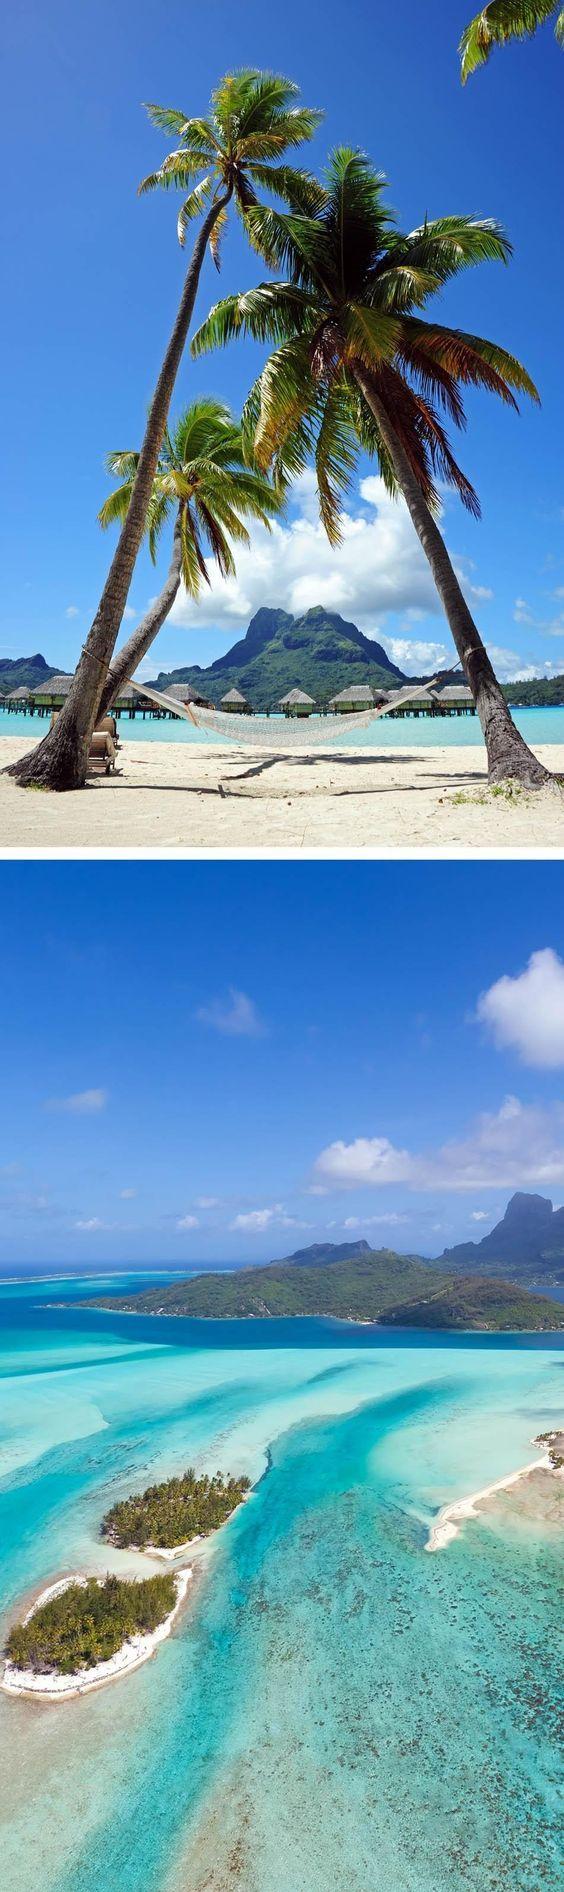 Bora Bora, Francia Polinézia